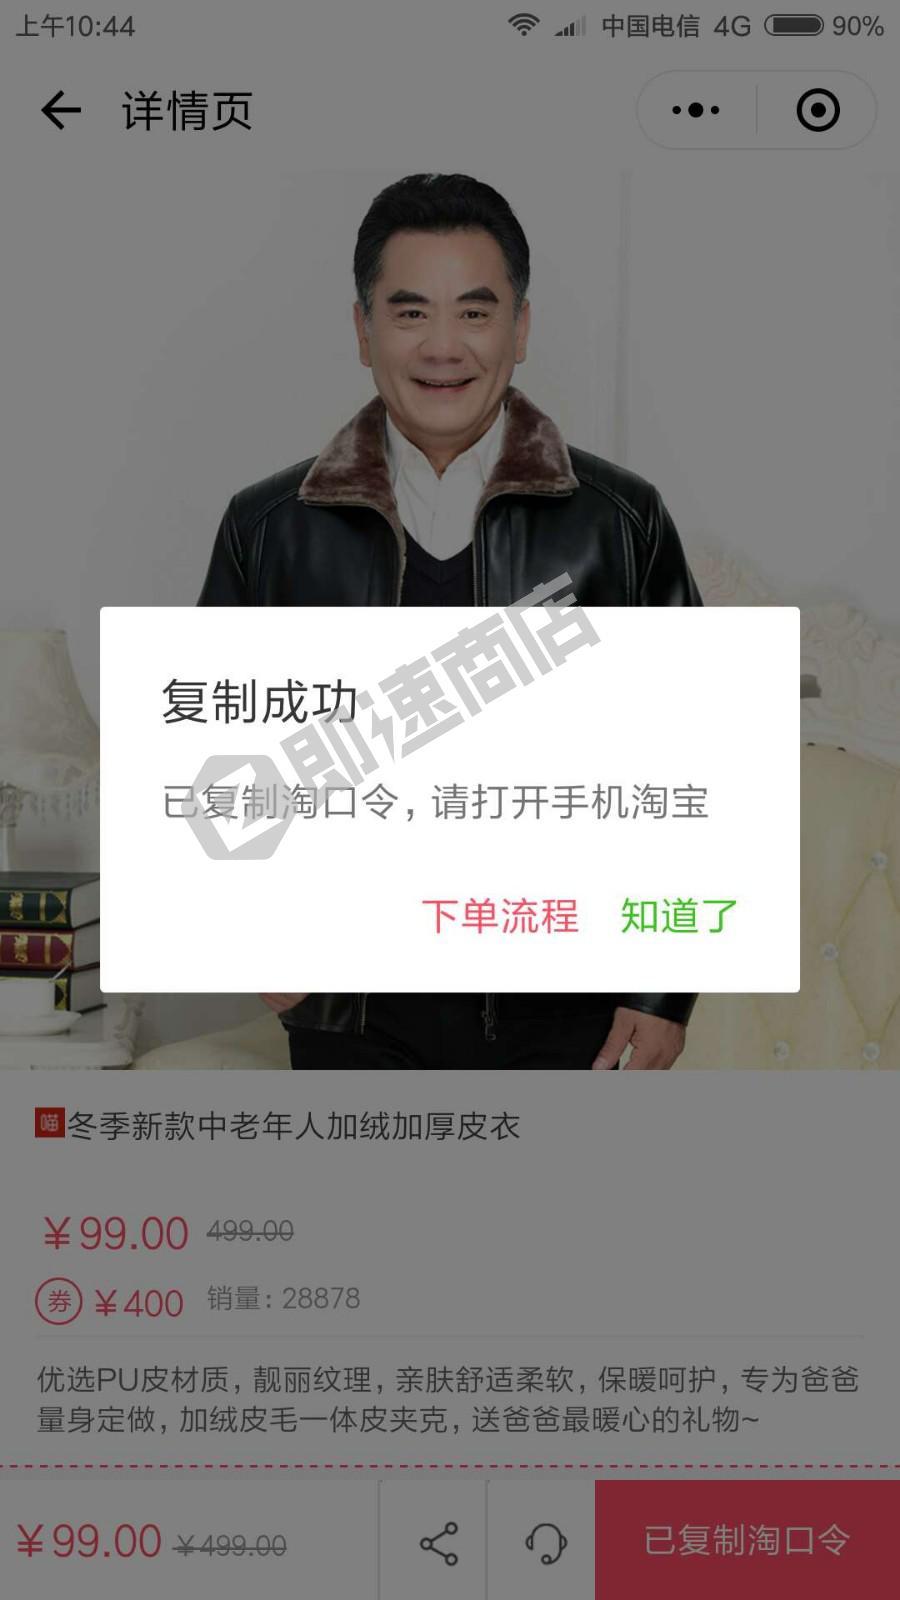 惠省money小程序详情页截图1